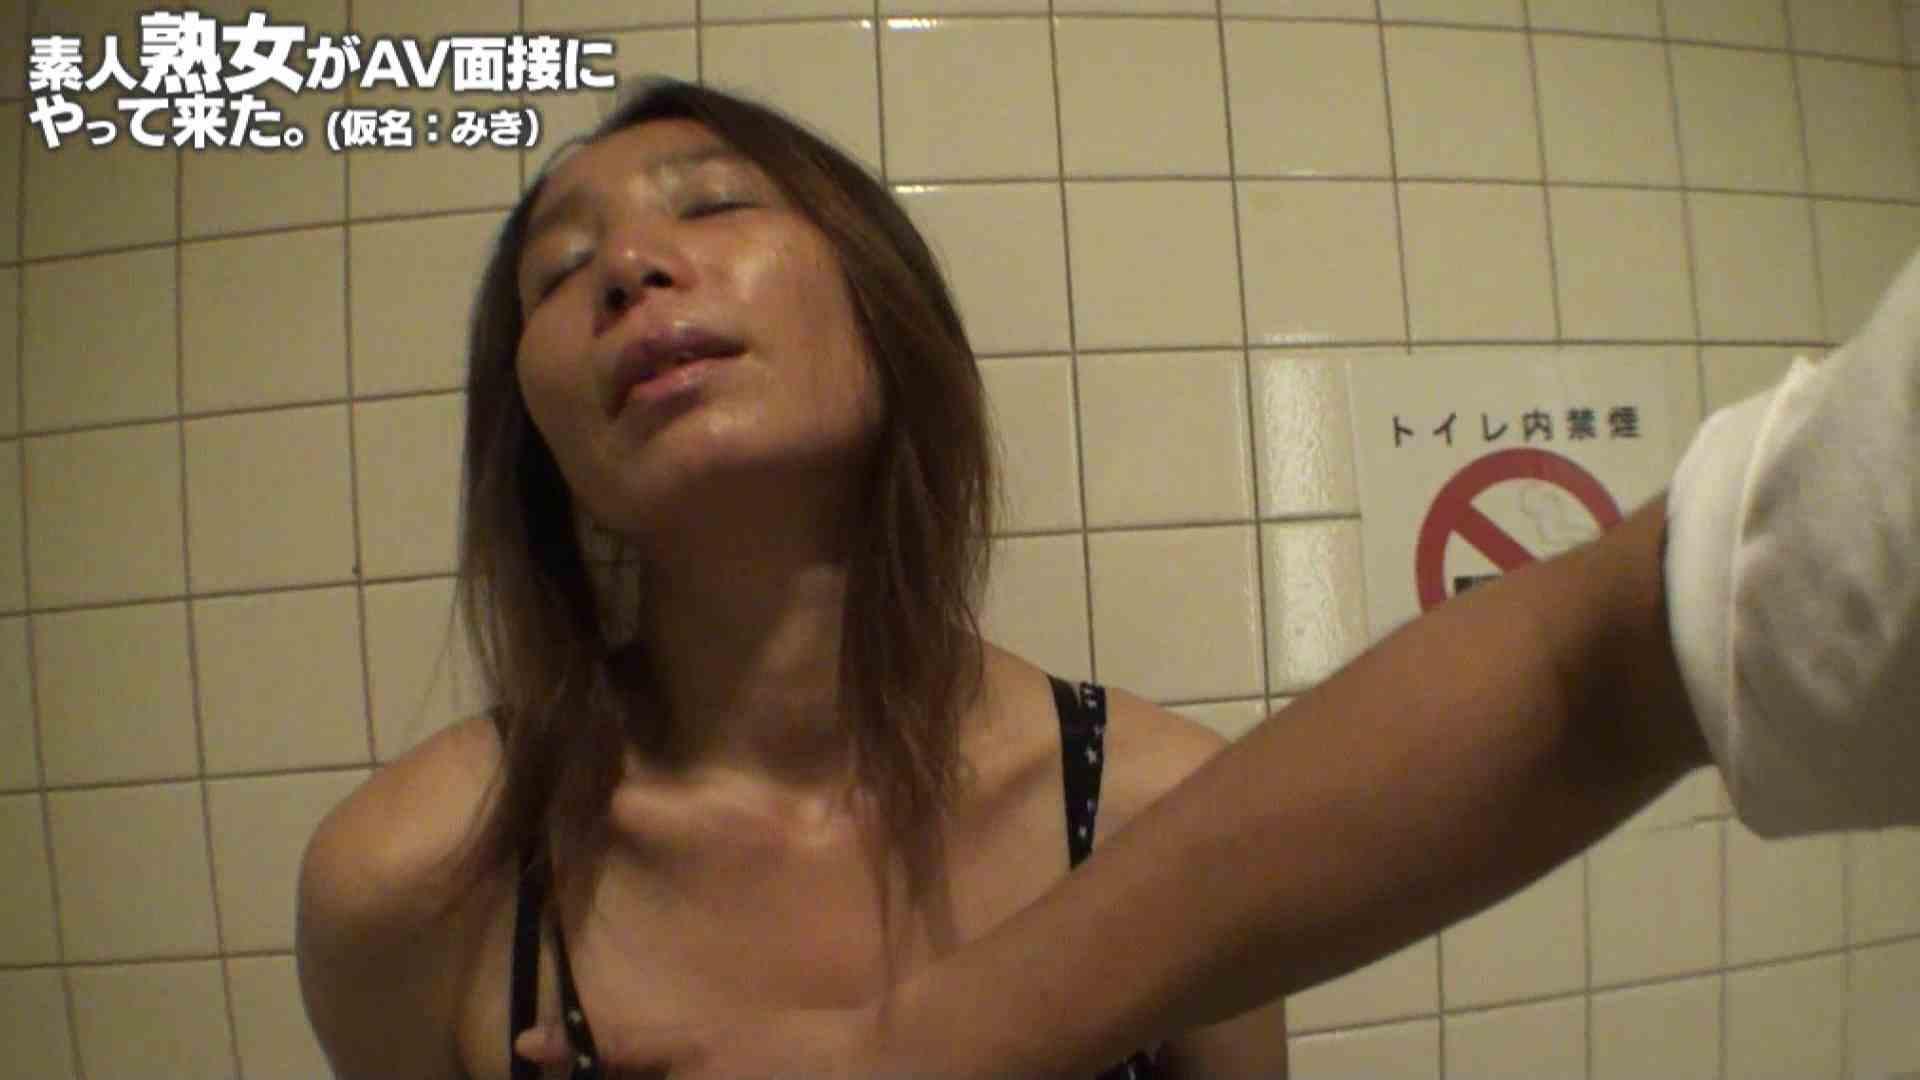 素人熟女がAV面接にやってきた (熟女)みきさんVOL.03 素人流出 アダルト動画キャプチャ 60PIX 27